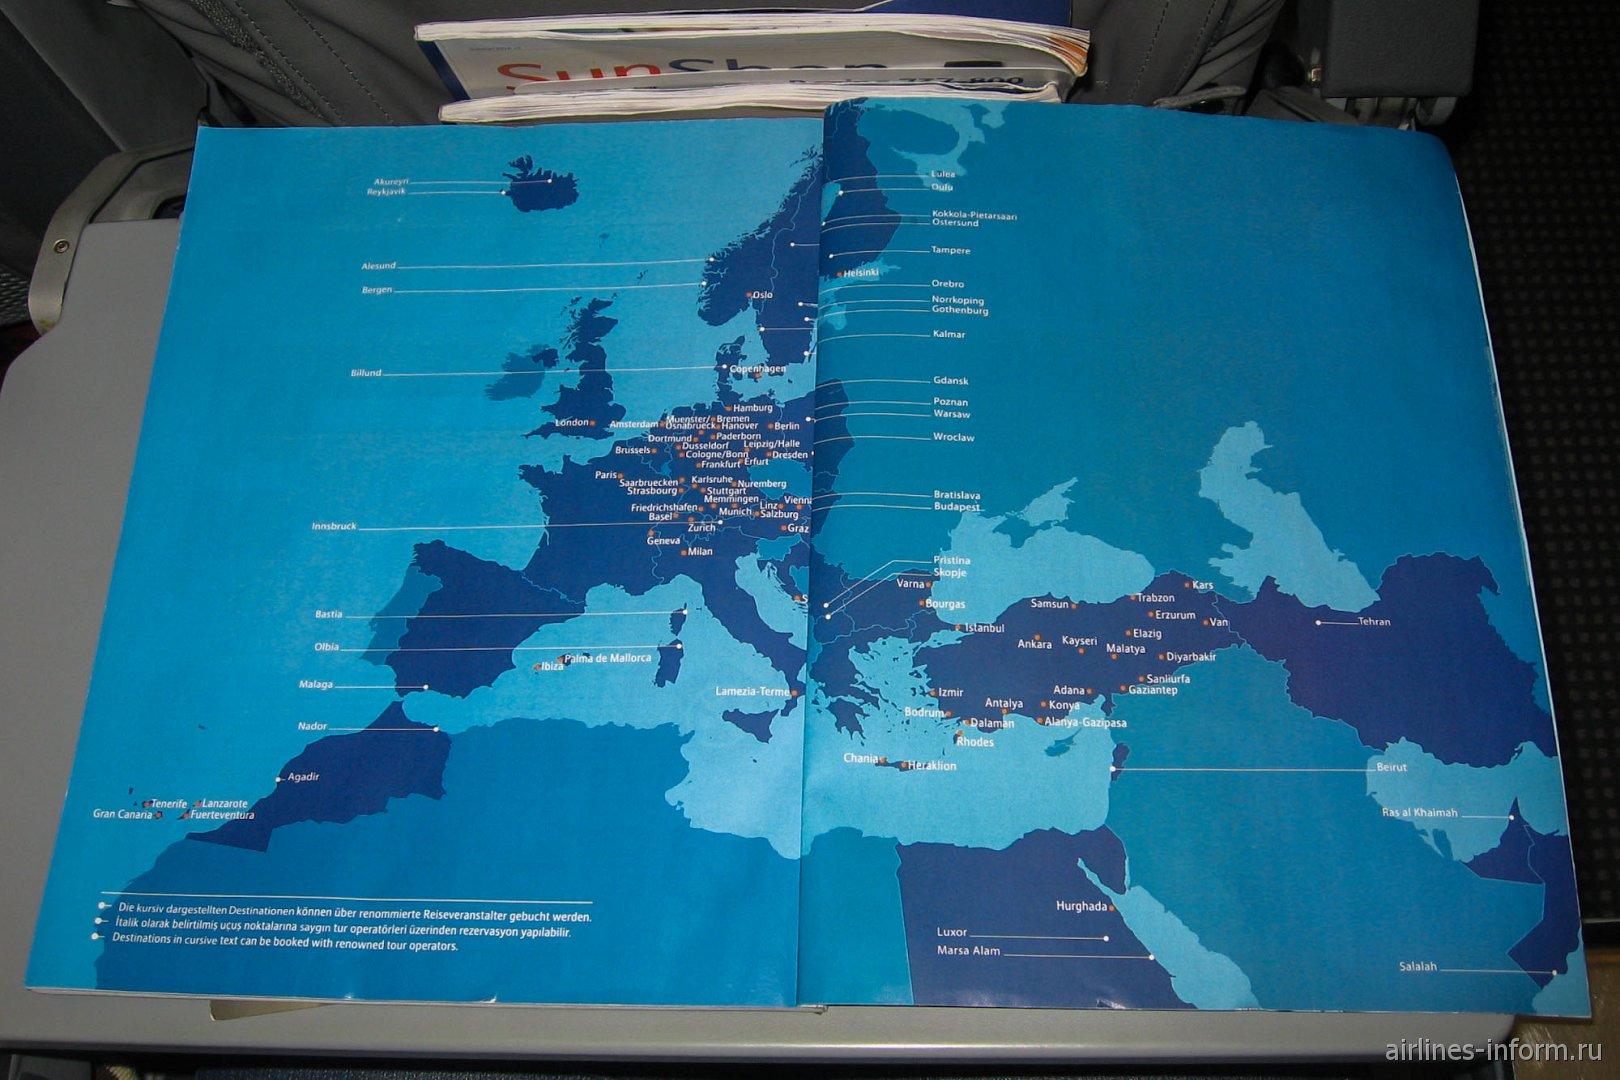 Карт полетов авиакомпании SunExpress